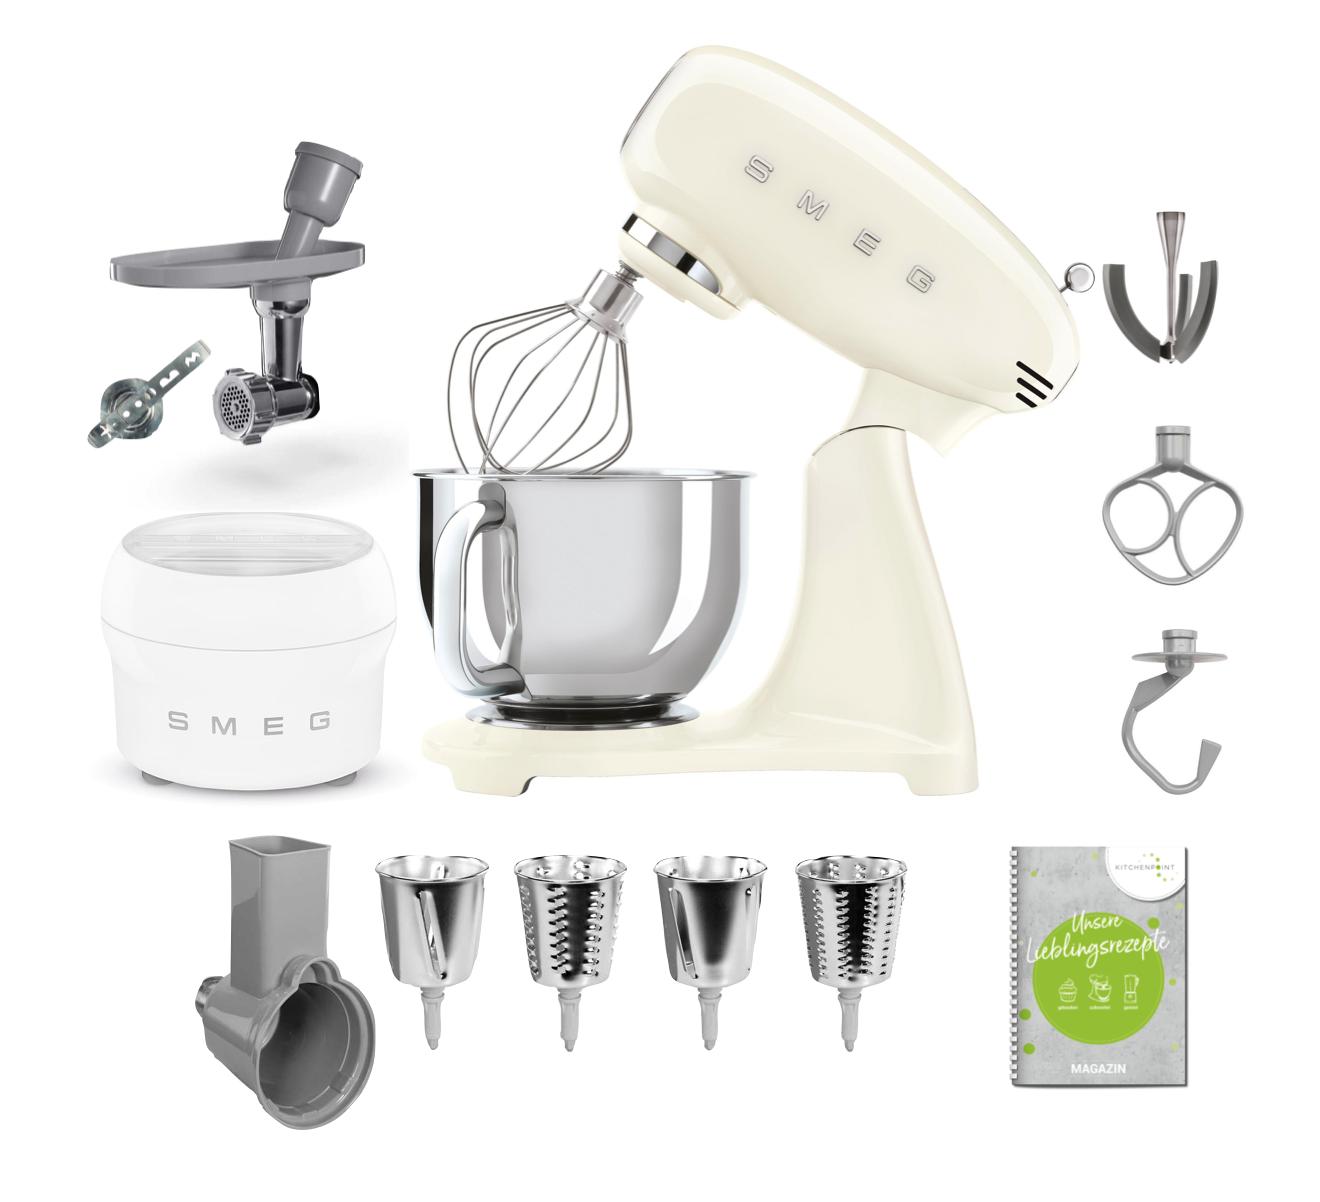 SMEG Küchenmaschine SMF03 Vollfarbe - Gourmet Set Creme